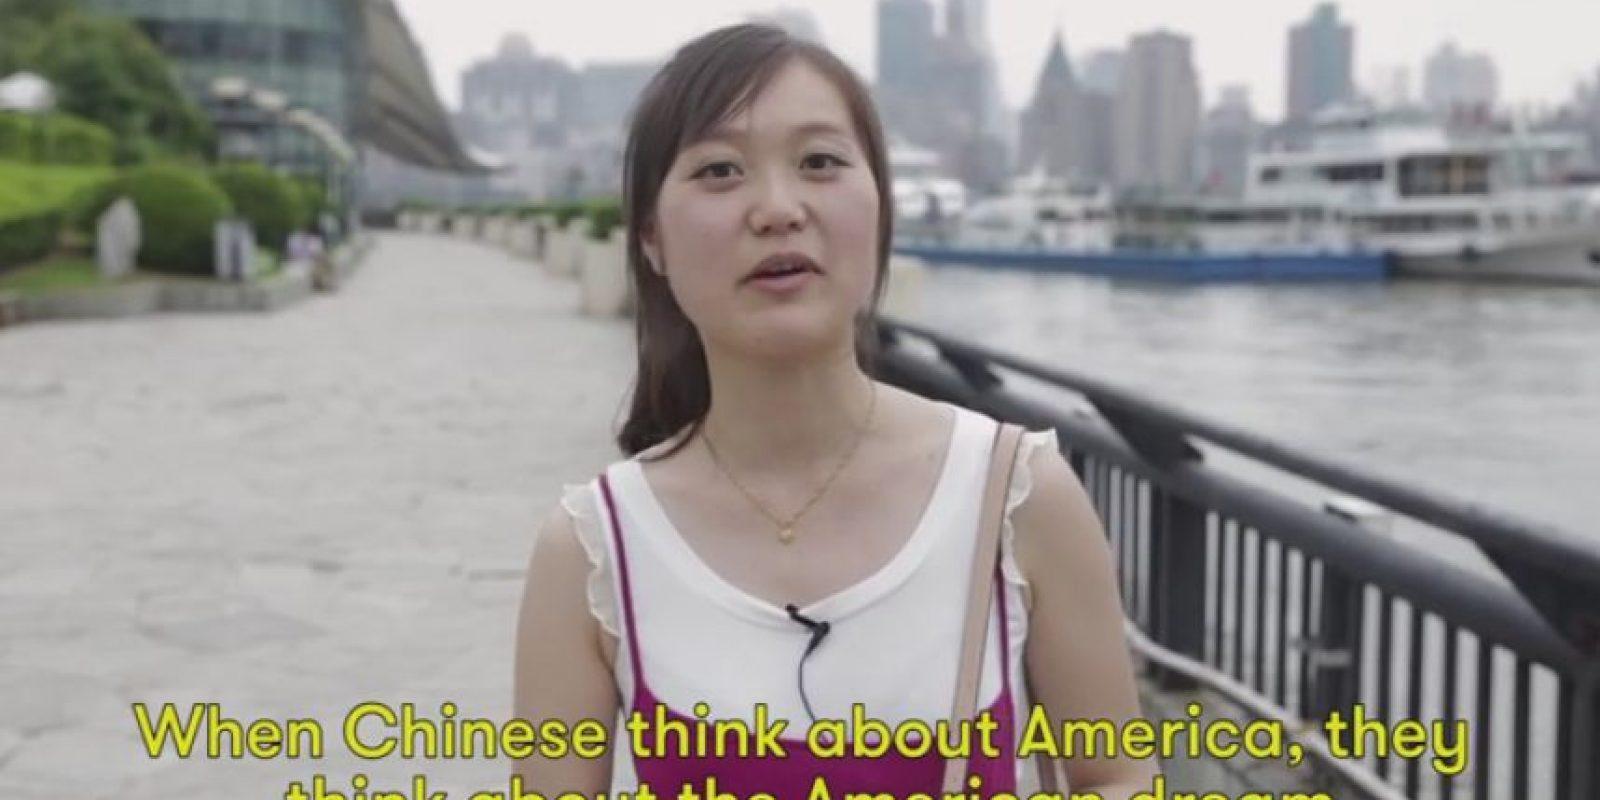 El sueño americano también salió a relucir entre las percepciones sobre Estados Unidos. Foto:Vía Youtube Cut Video